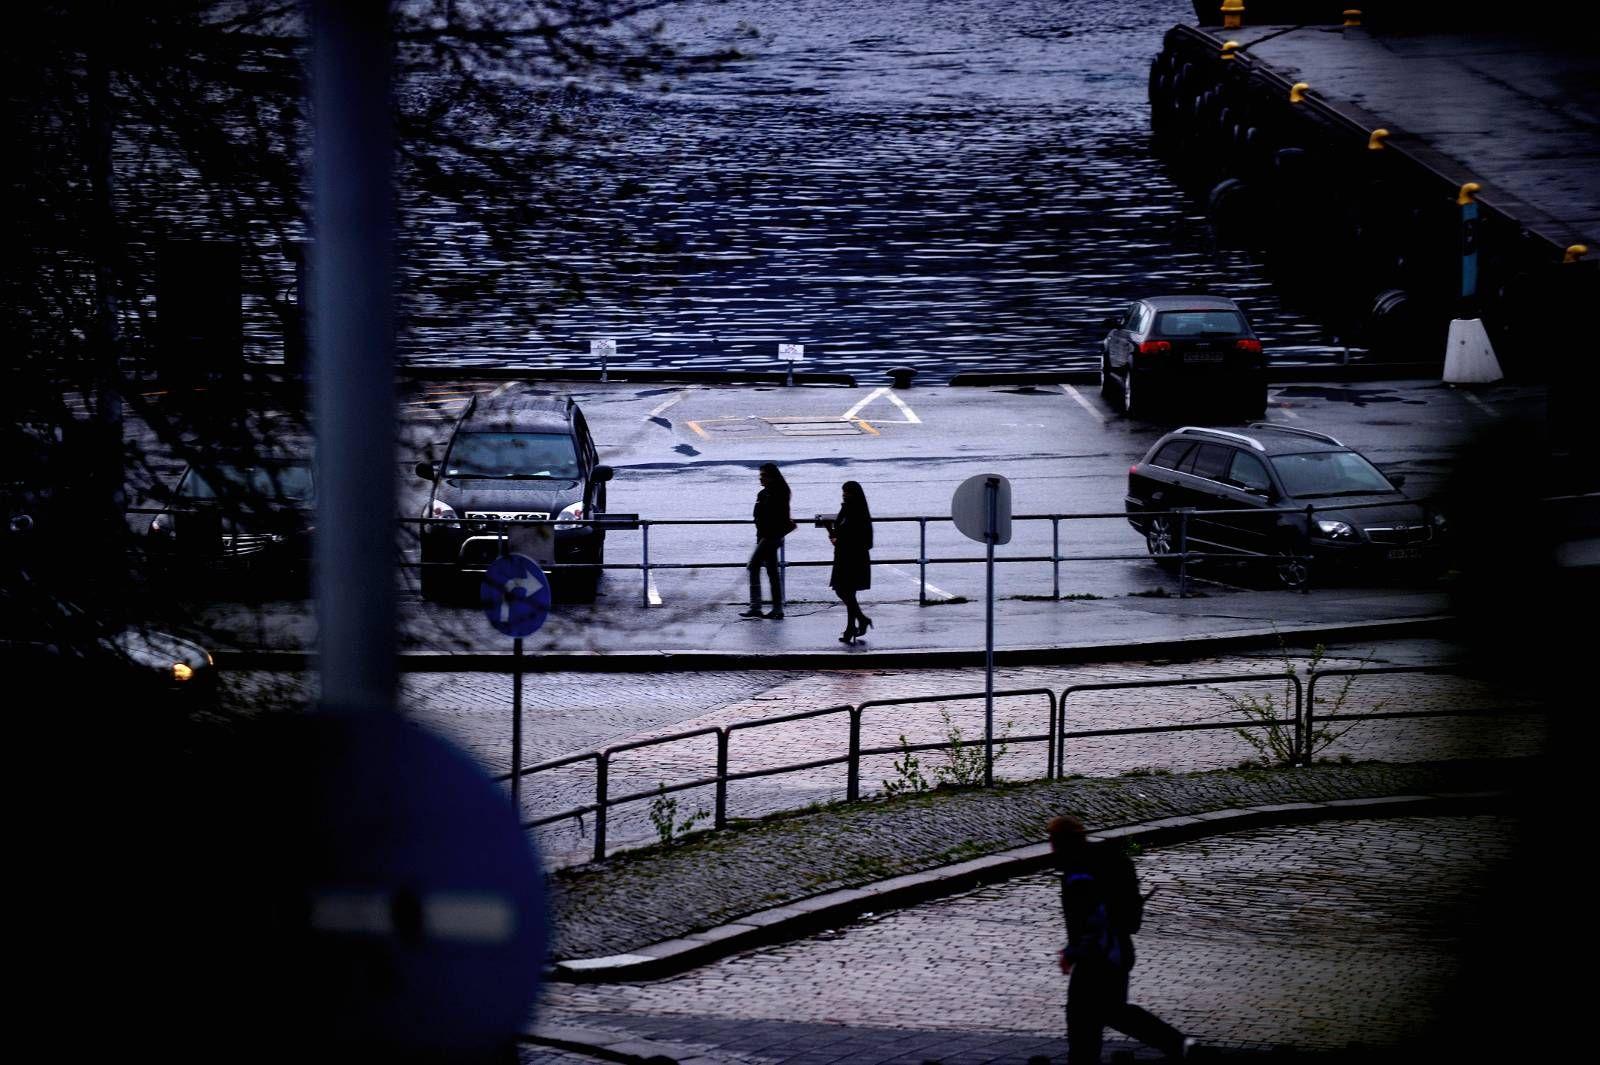 MENNESKEHANDEL: Det er om lag 25 rettskraftige dommar i menneskehandel i Noreg i tidsrommet 2003–2012. Om lag 50 prosent av desse er frå Bergen. Dei aller fleste sakene gjeld utnytting til prostitusjon.